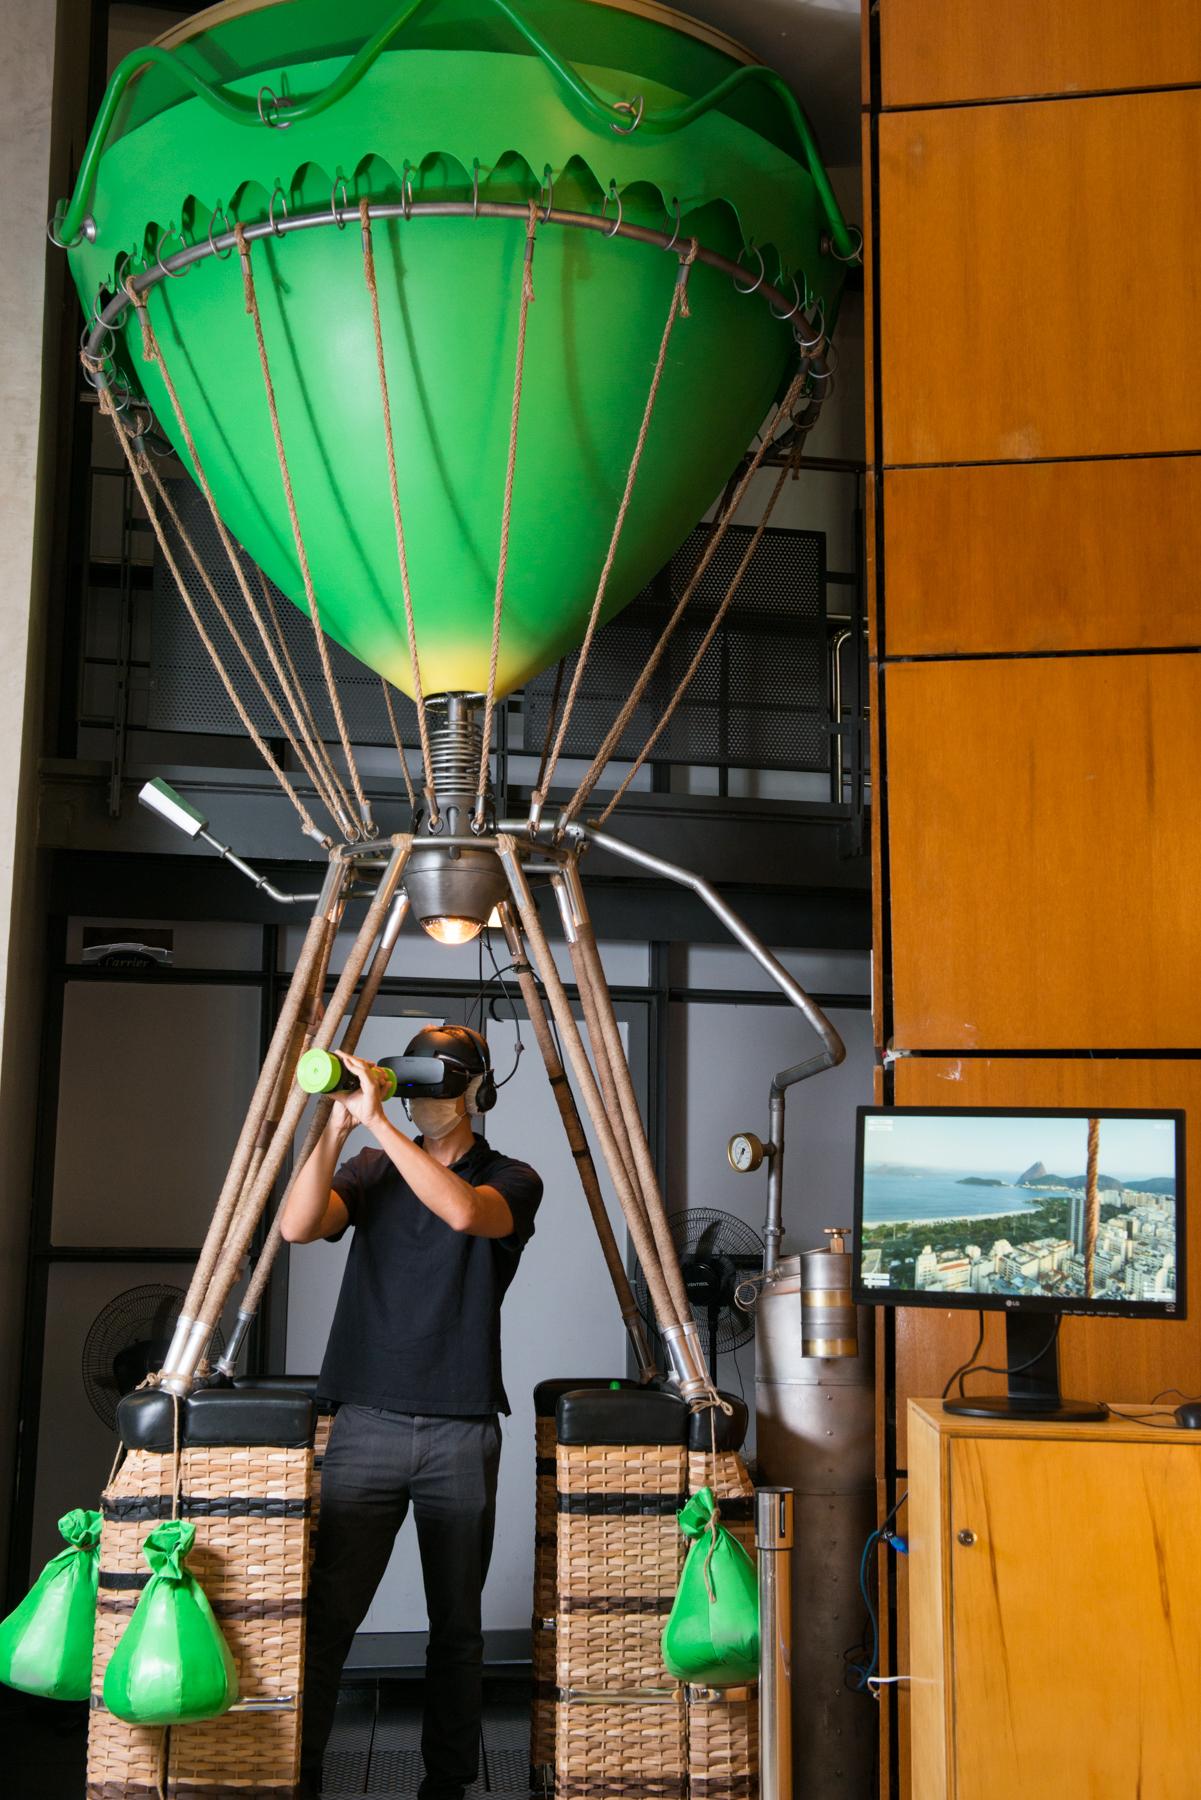 Homem munido de fones de ouvido e óculos de realidade virtual em balão cenográfico no Oi Futuro